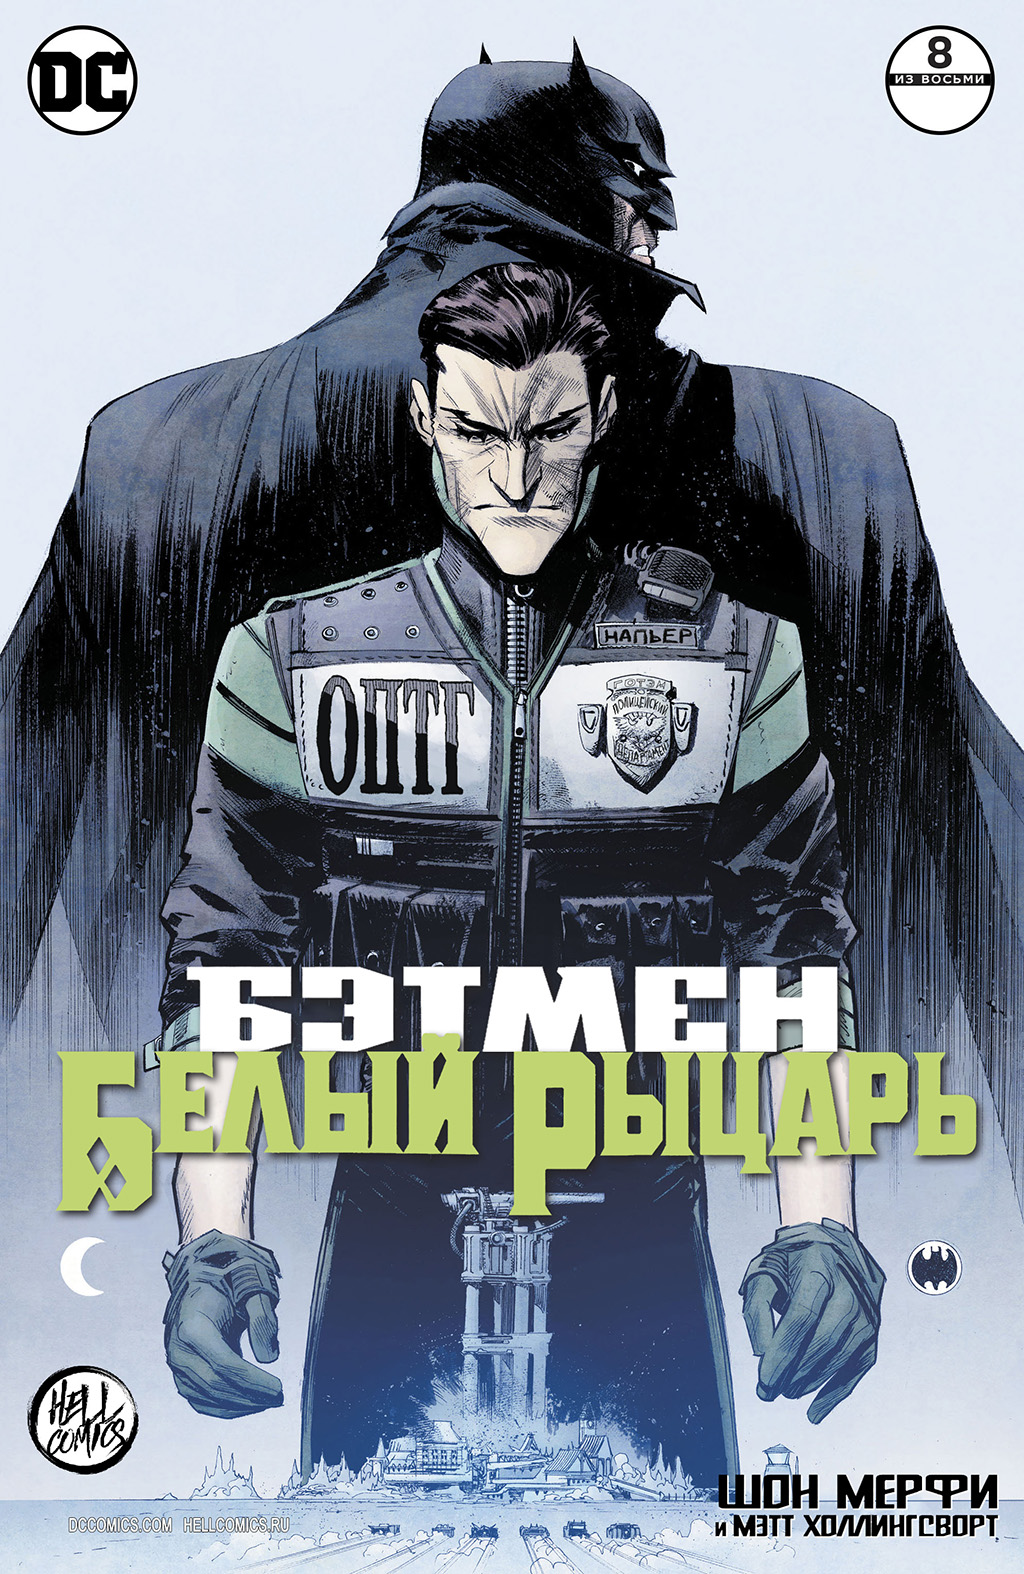 Комикс Бэтмен: Белый рыцарь